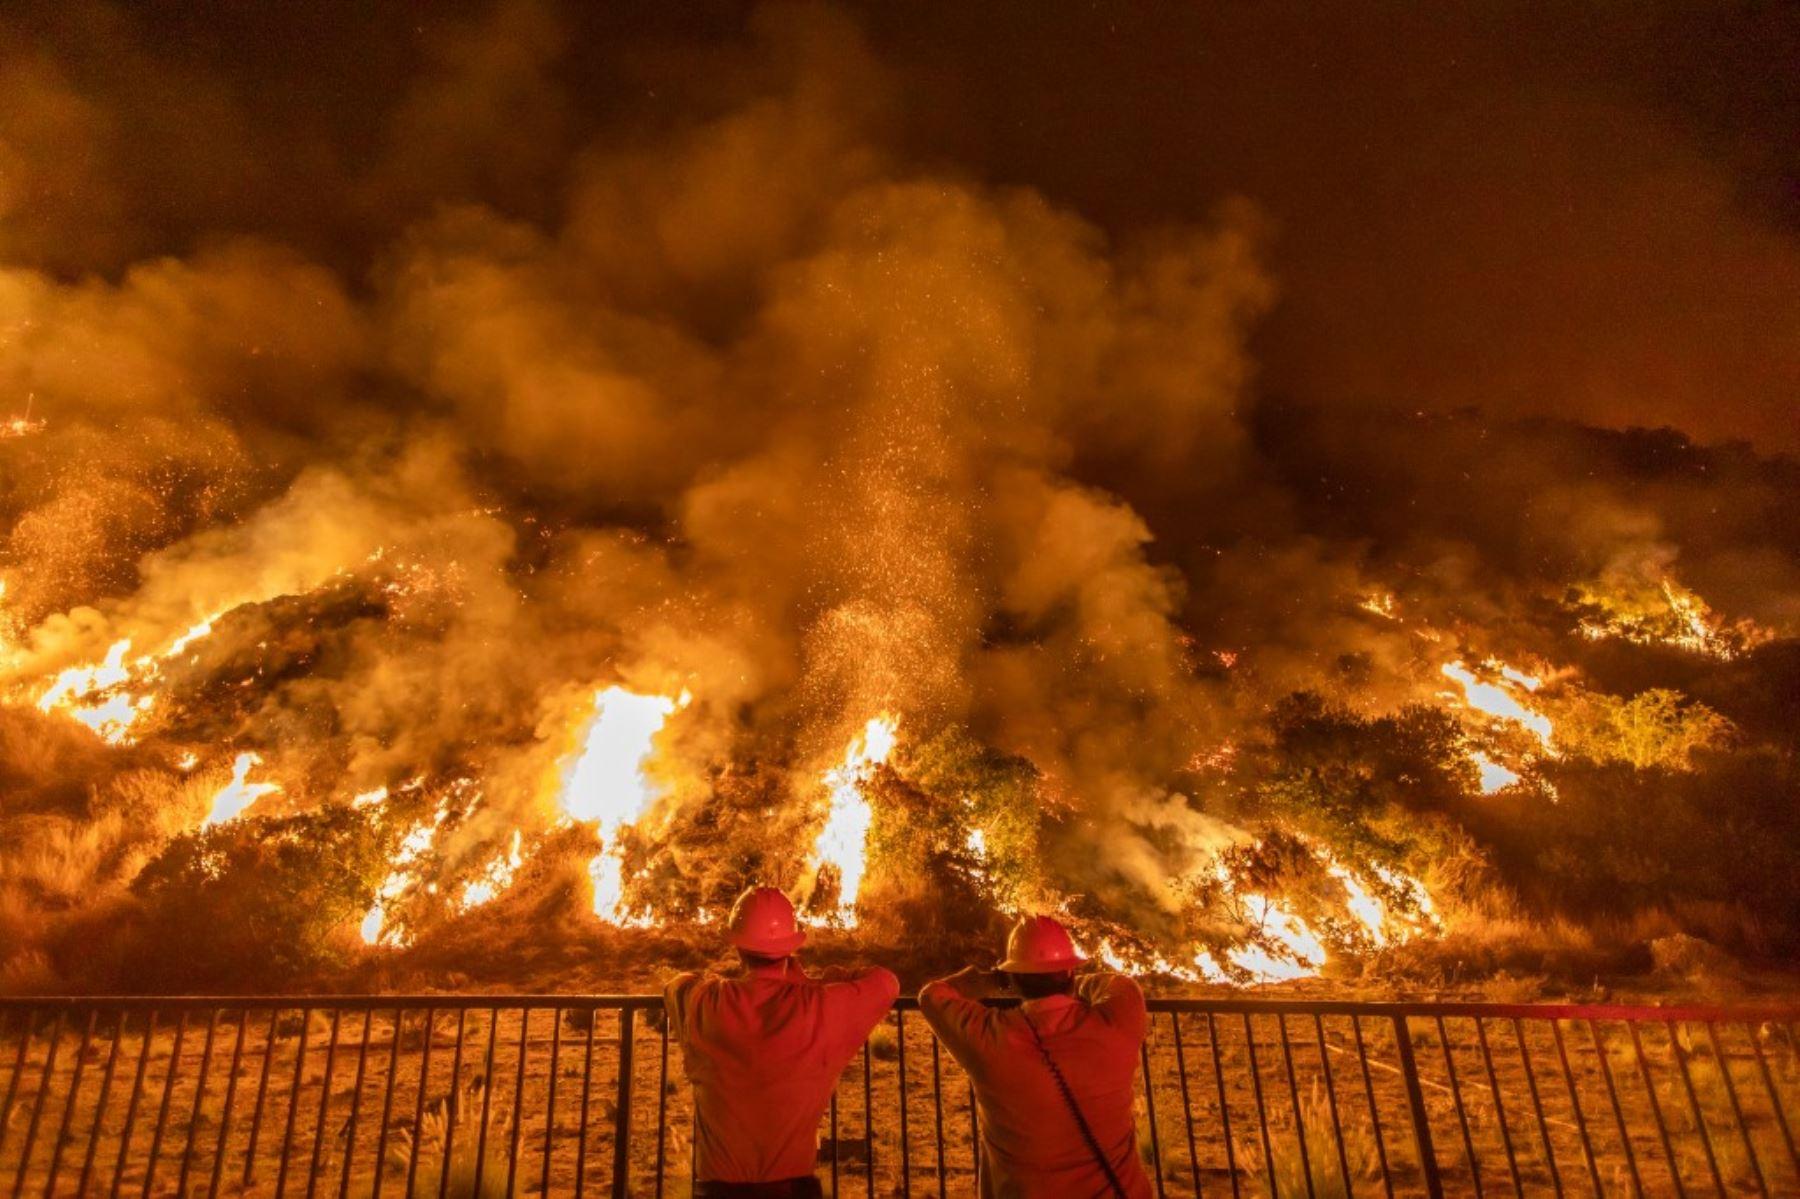 Los bomberos observan el humo y las llamas que se elevan desde las montañas de San Gabriel sobre Azusa, a 25 millas al este de Los Ángeles, California. Foto: AFP